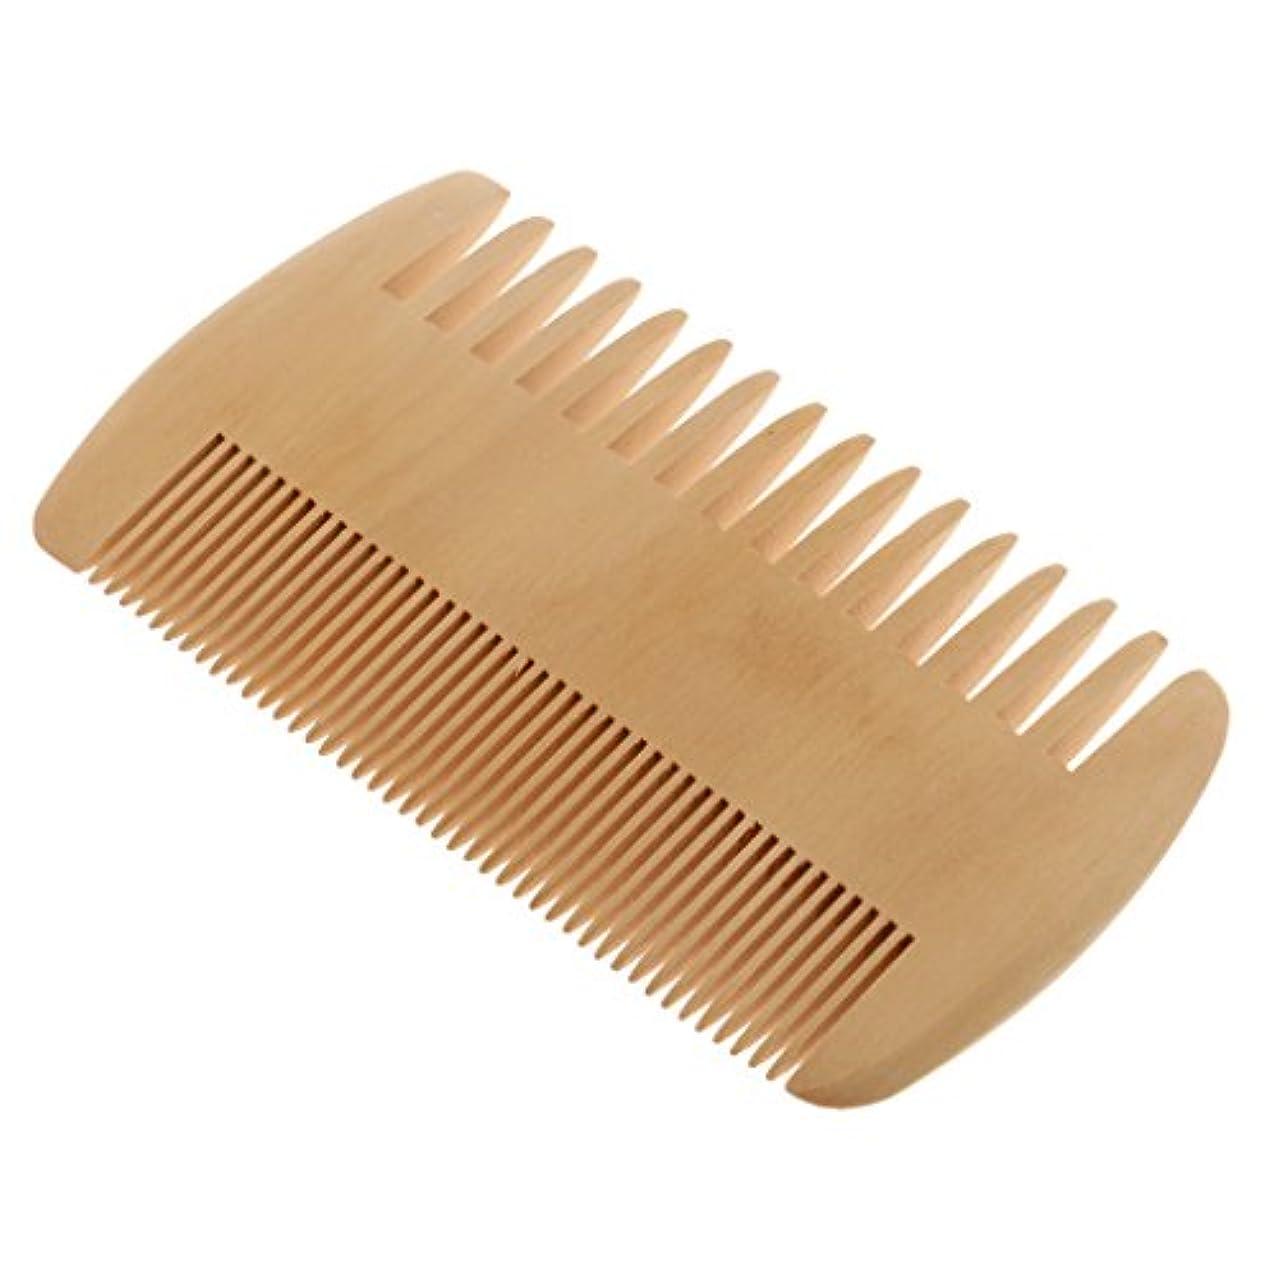 広がり柔らかい足結婚するToygogo ヘアコーム 木製コーム 木製櫛 ポケットコーム マッサージの櫛 帯電防止 2倍 密度の歯